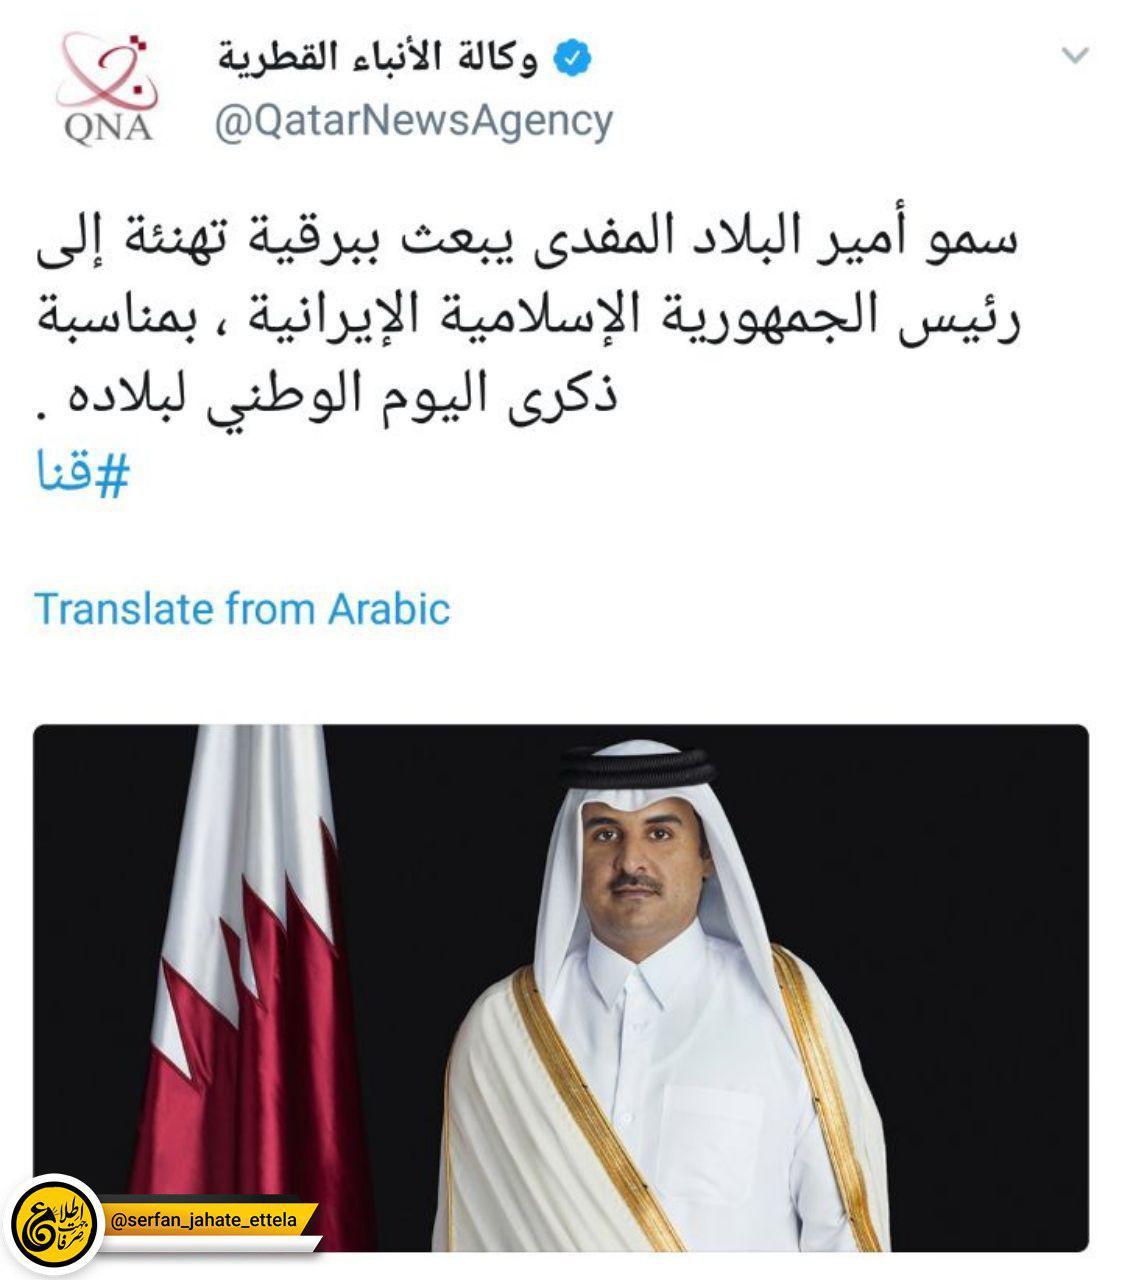 امیر قطر در پیامی روز ملی ایران را به رییس جمهور ایران تبریک گفت